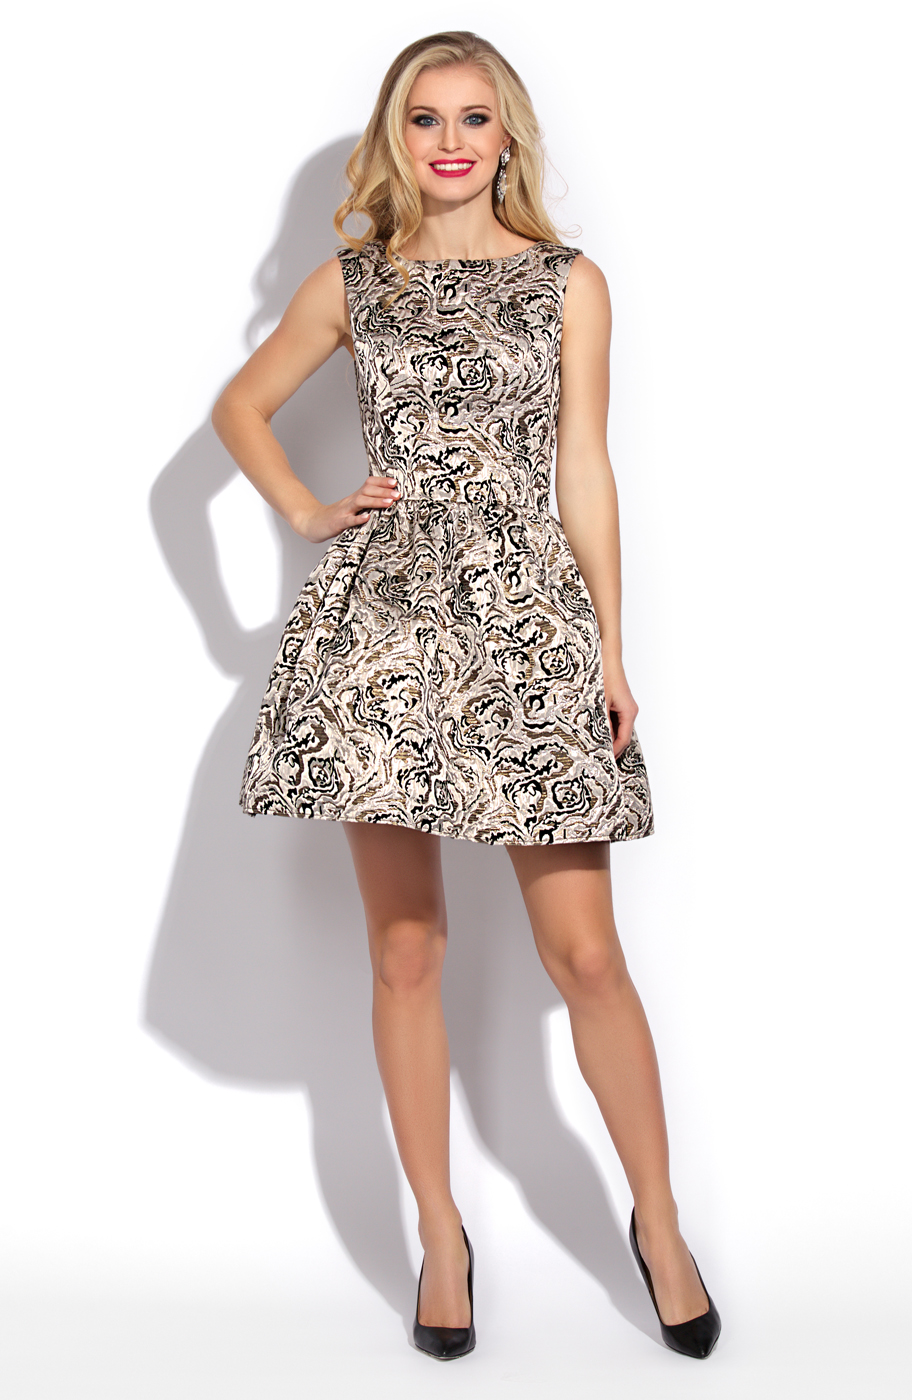 Модели платьев с пышной юбкой всегда привносят в образ задорность и игривость